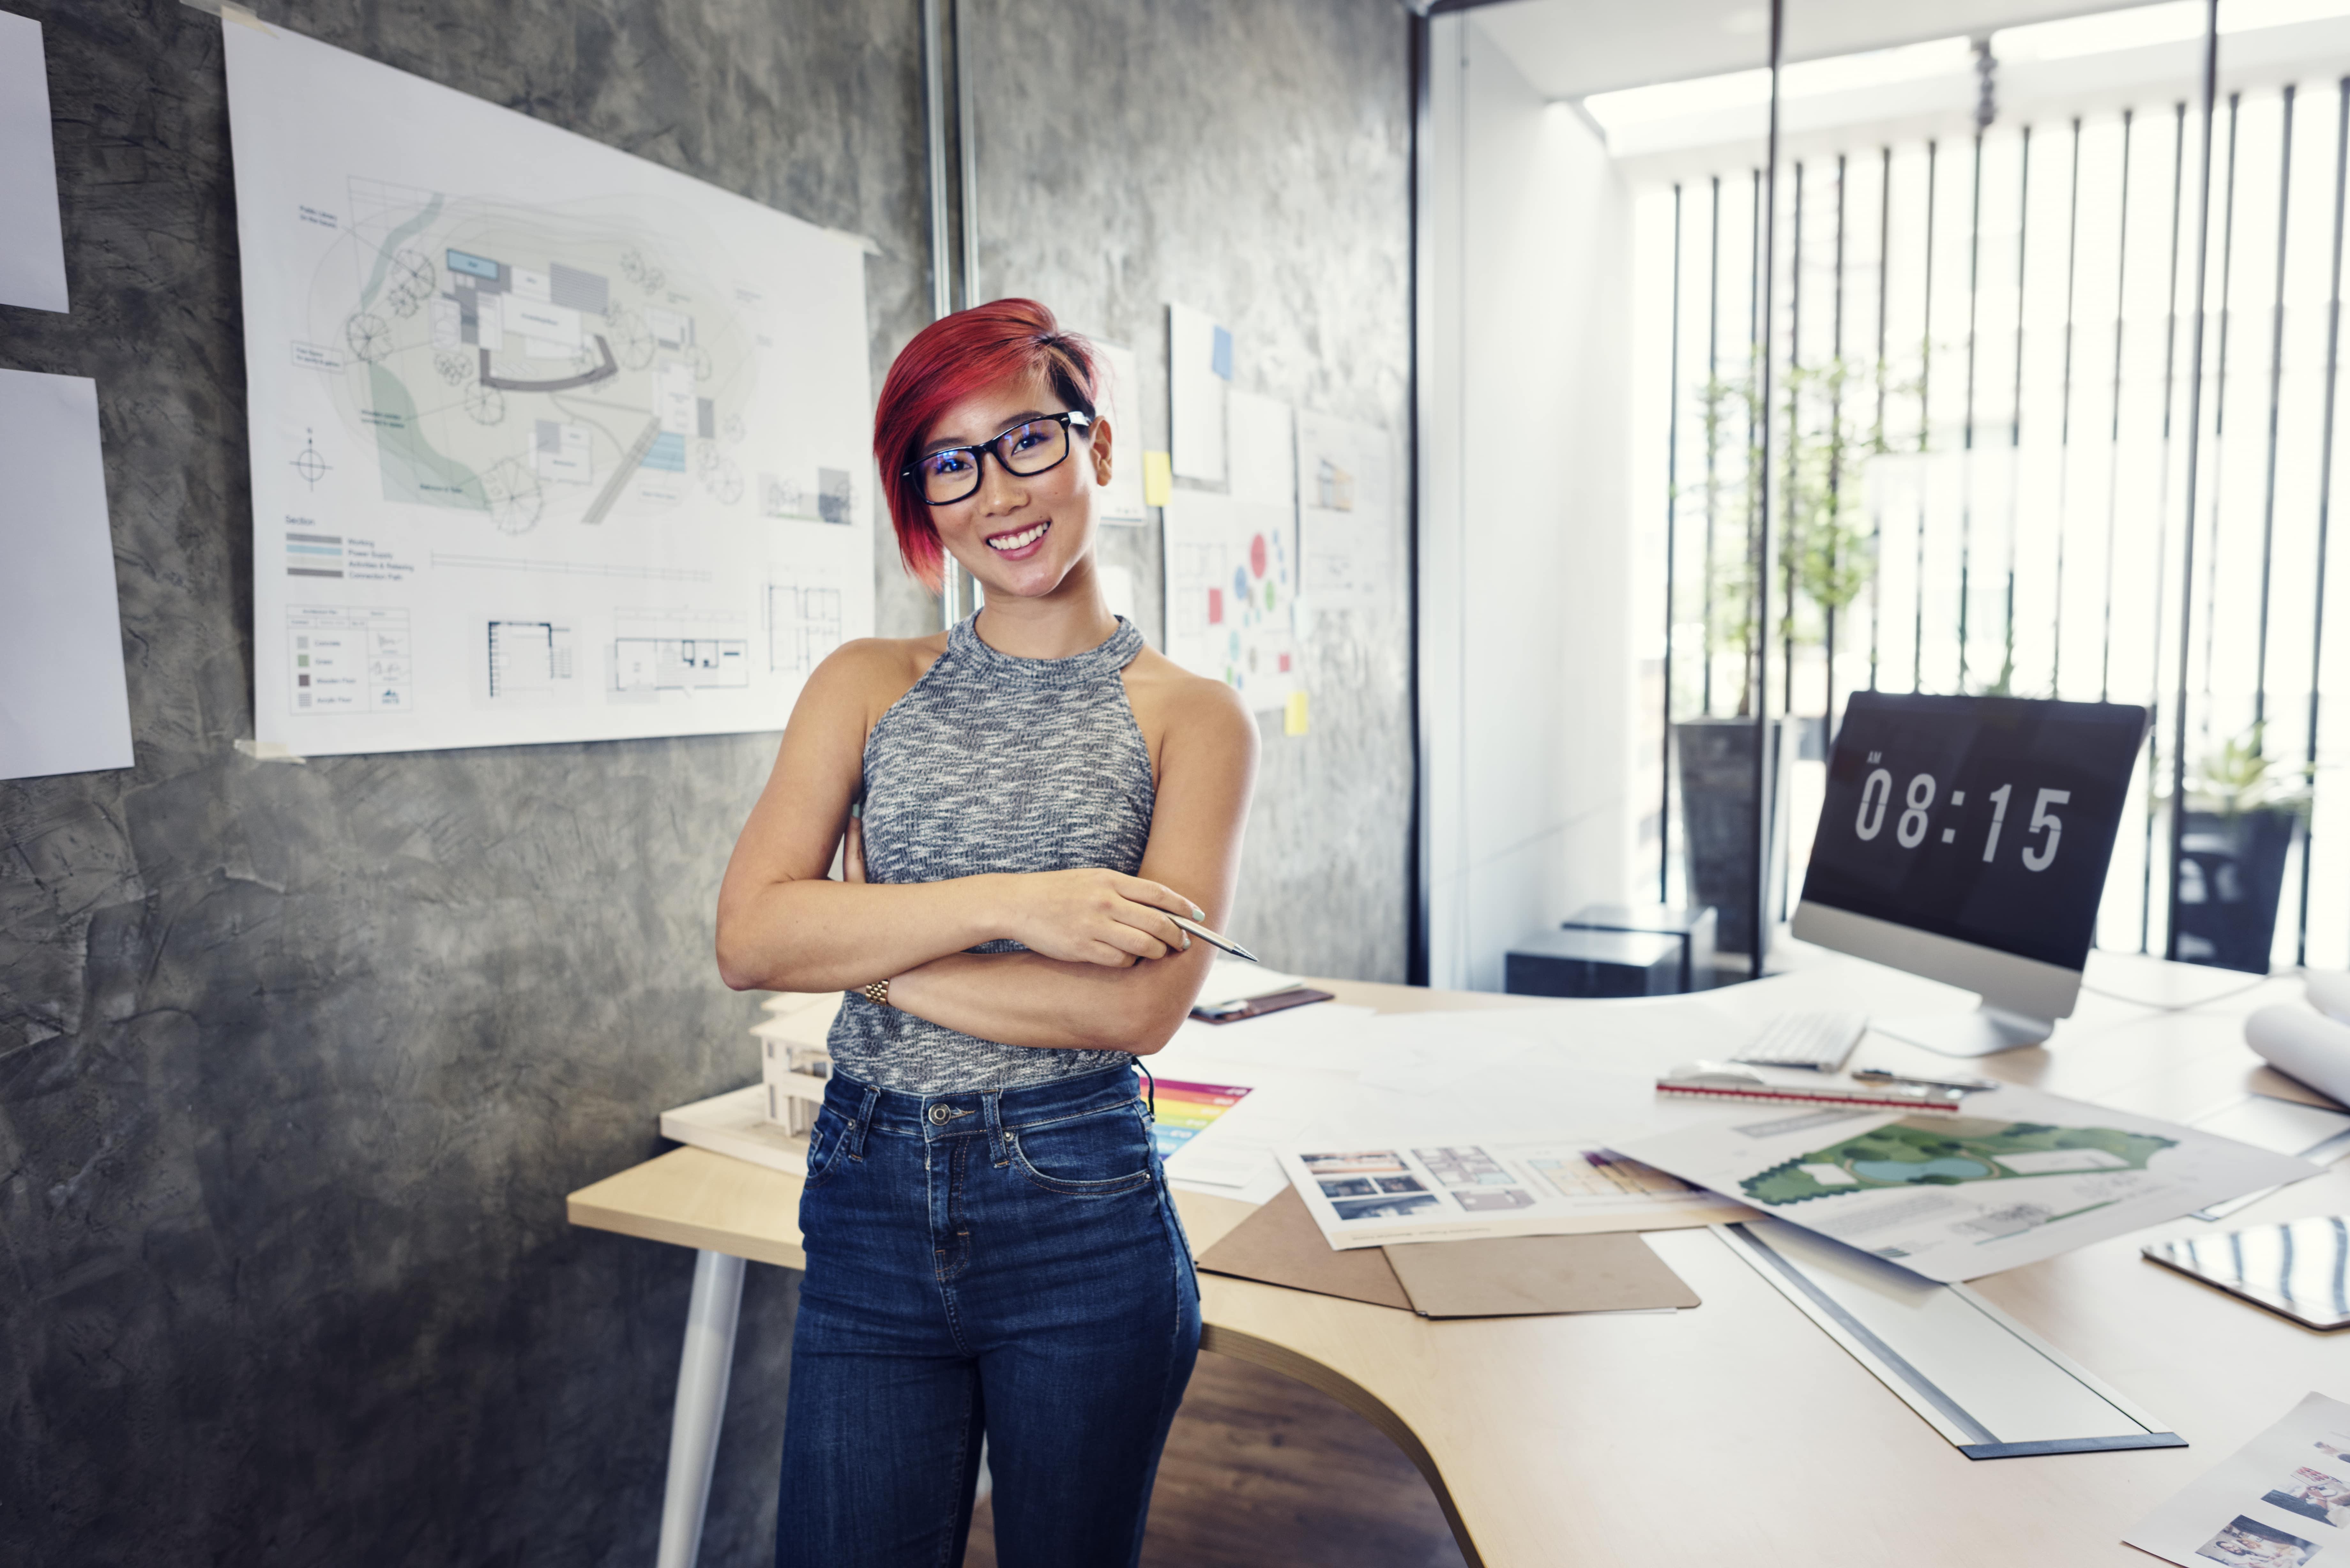 ¿Ser tu propio community manager o confiar en agencias de publicidad?